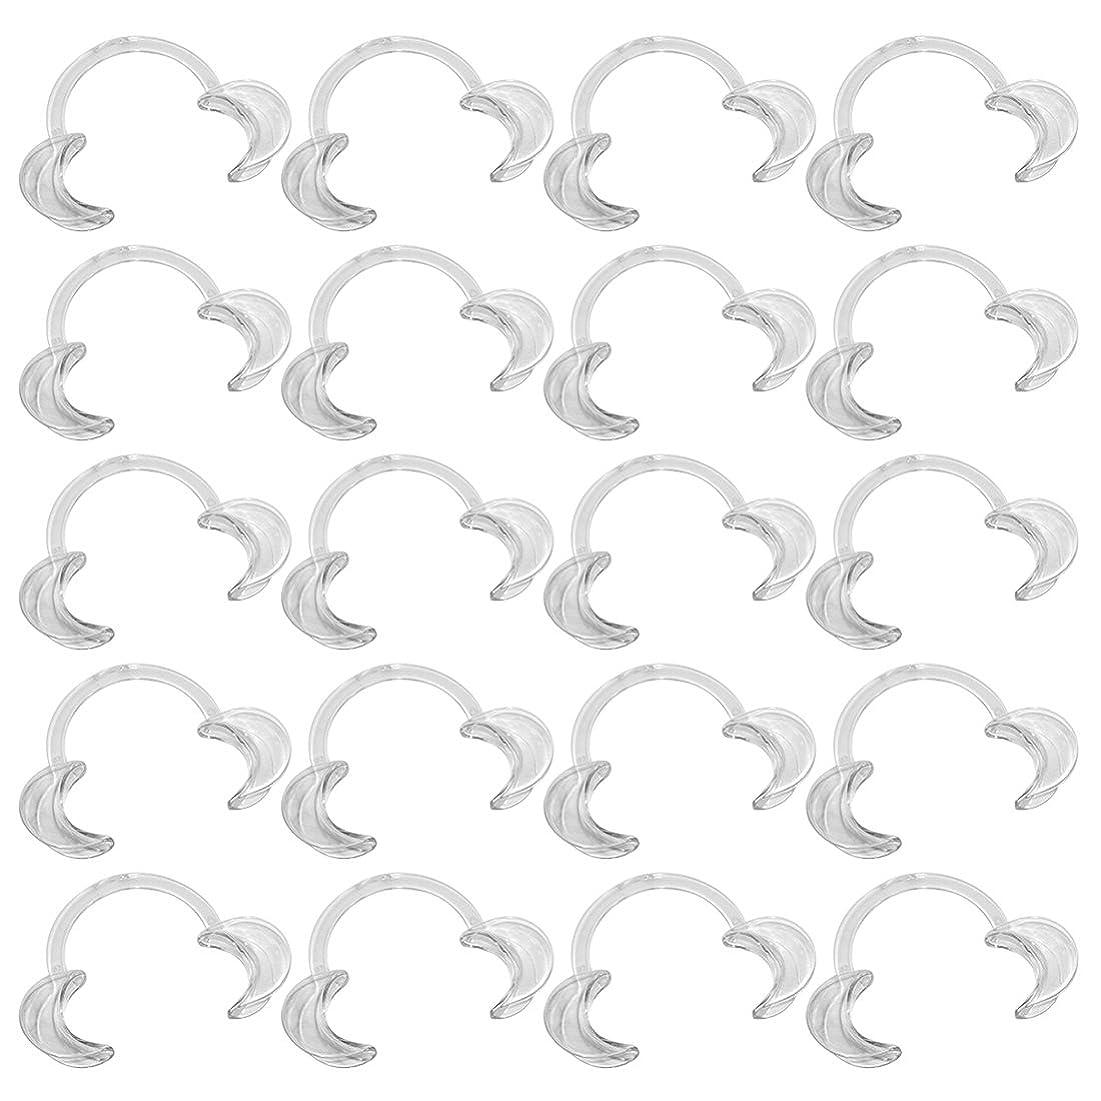 適合犯罪ブームEZGO 20個パック 歯科 C型 開口器 口オープナー マウスオープナー 開口マウスオープナー C型ホワイトニング口の開創器 S M L (20M)